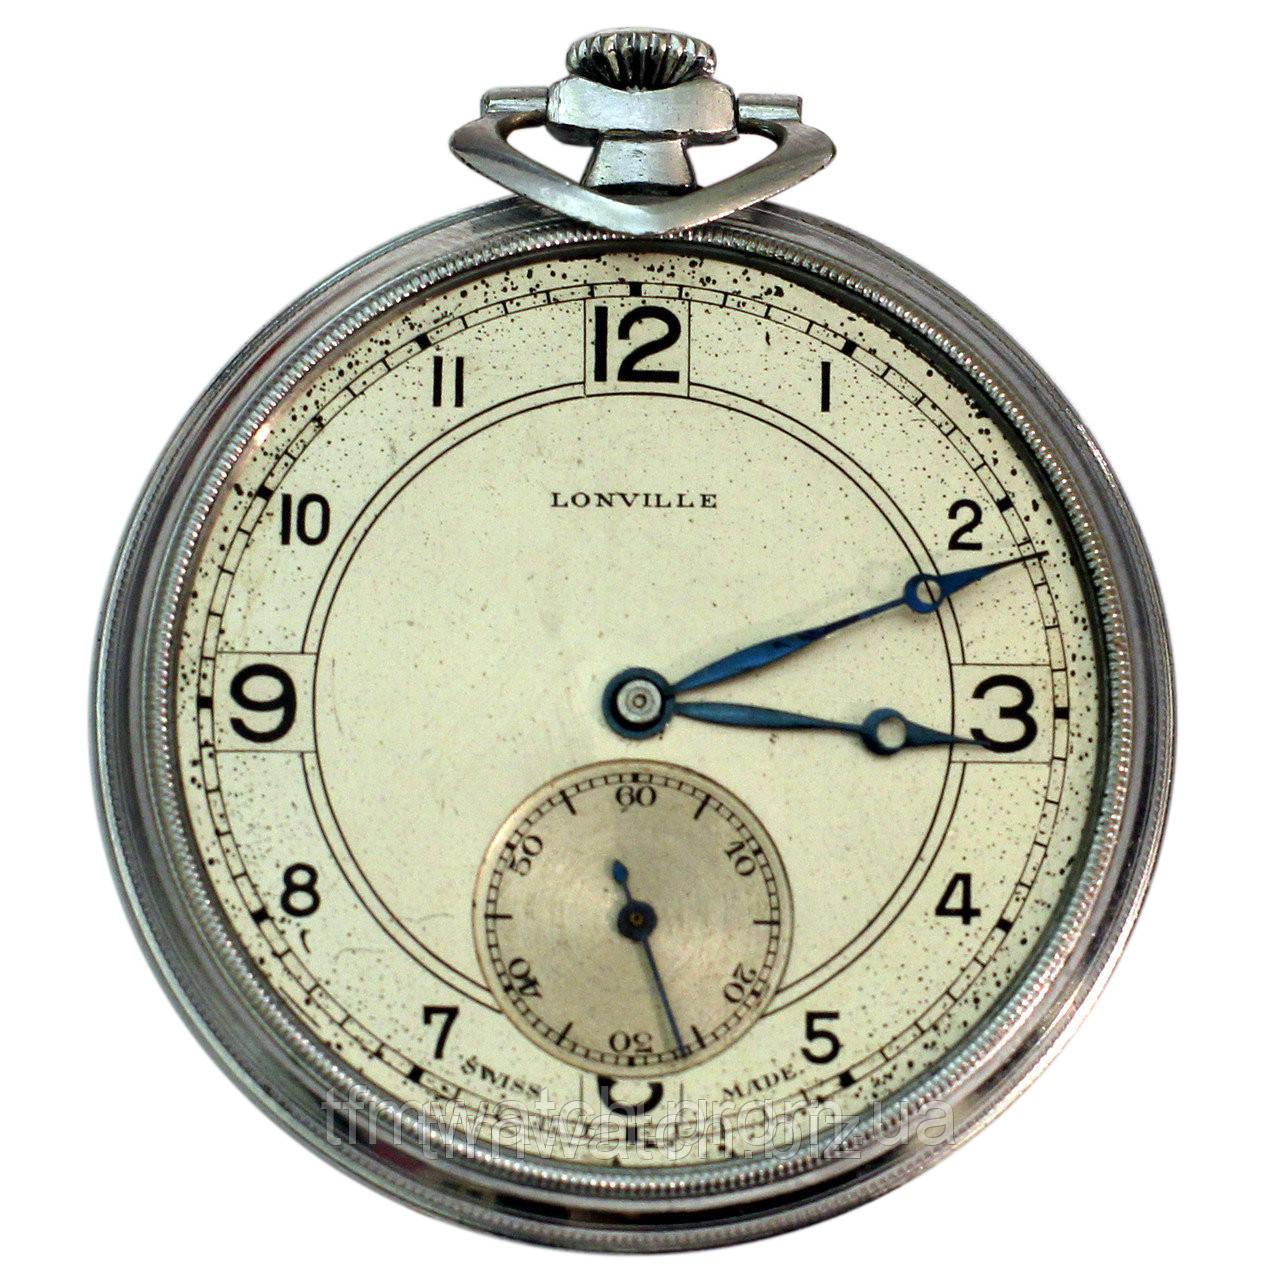 50419f0e Lonville swiss made винтажные карманные часы - Магазин старинных, винтажных  и антикварных часов TFMwatch в